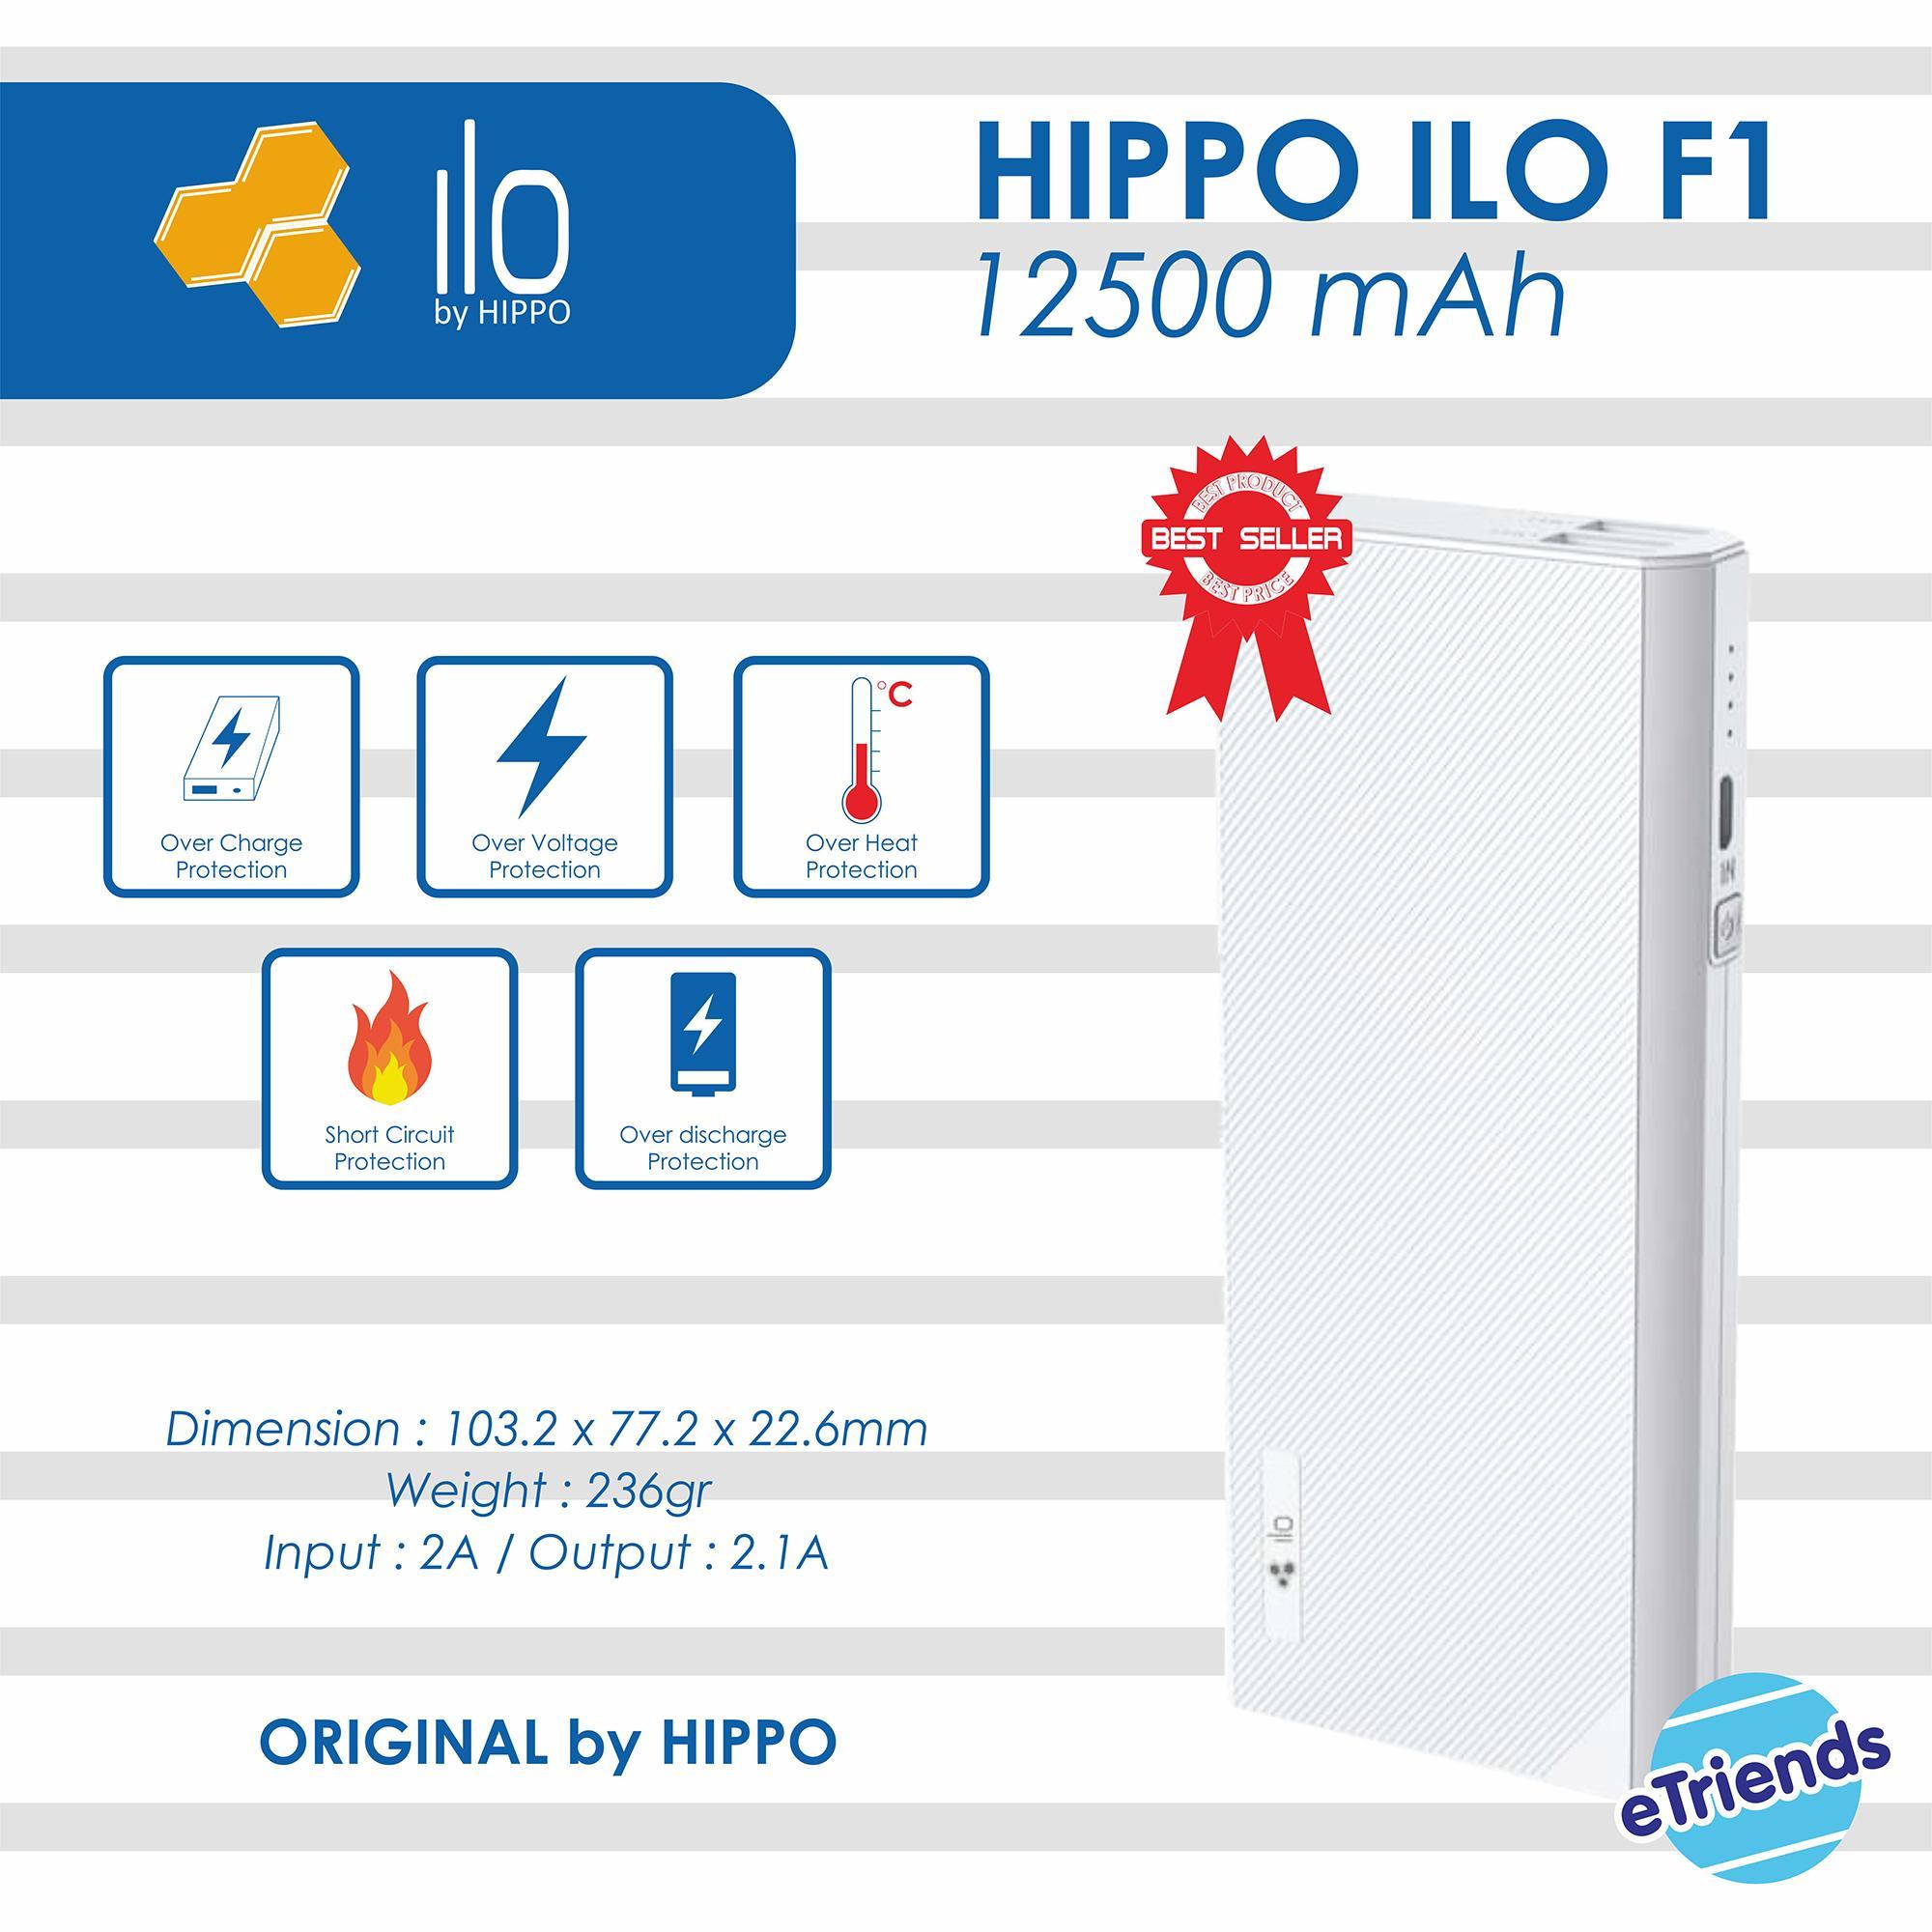 Powerbank Hippo Ilo F1 12500 mAh Original - Putih